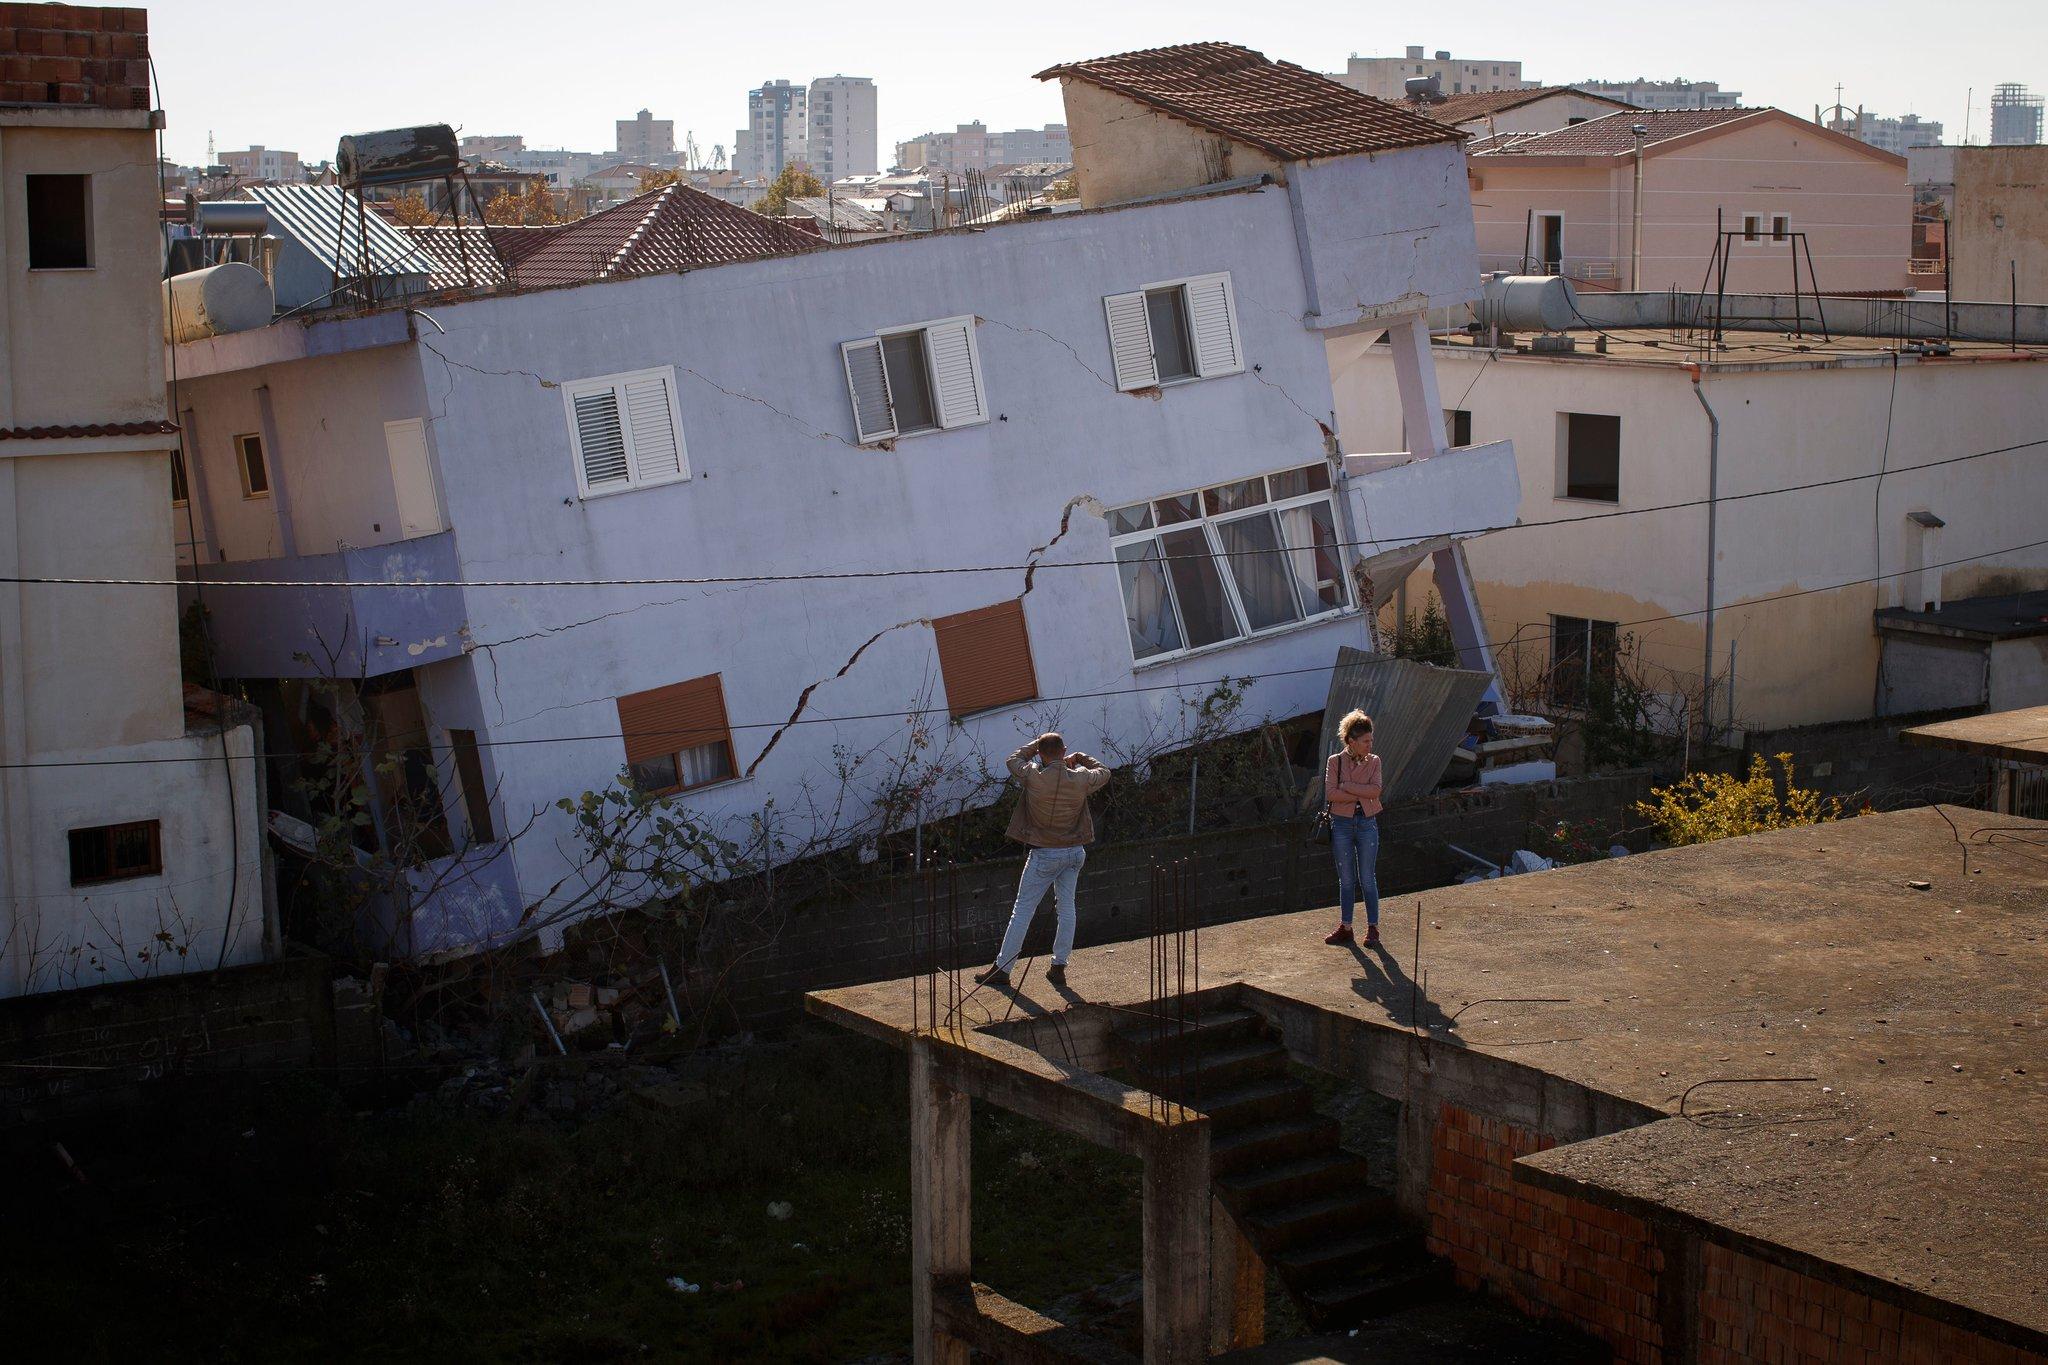 NYT: Mësim nga tërmeti, Shqipëria dhe fqinjët nuk janë të përgatitur për më të keqen